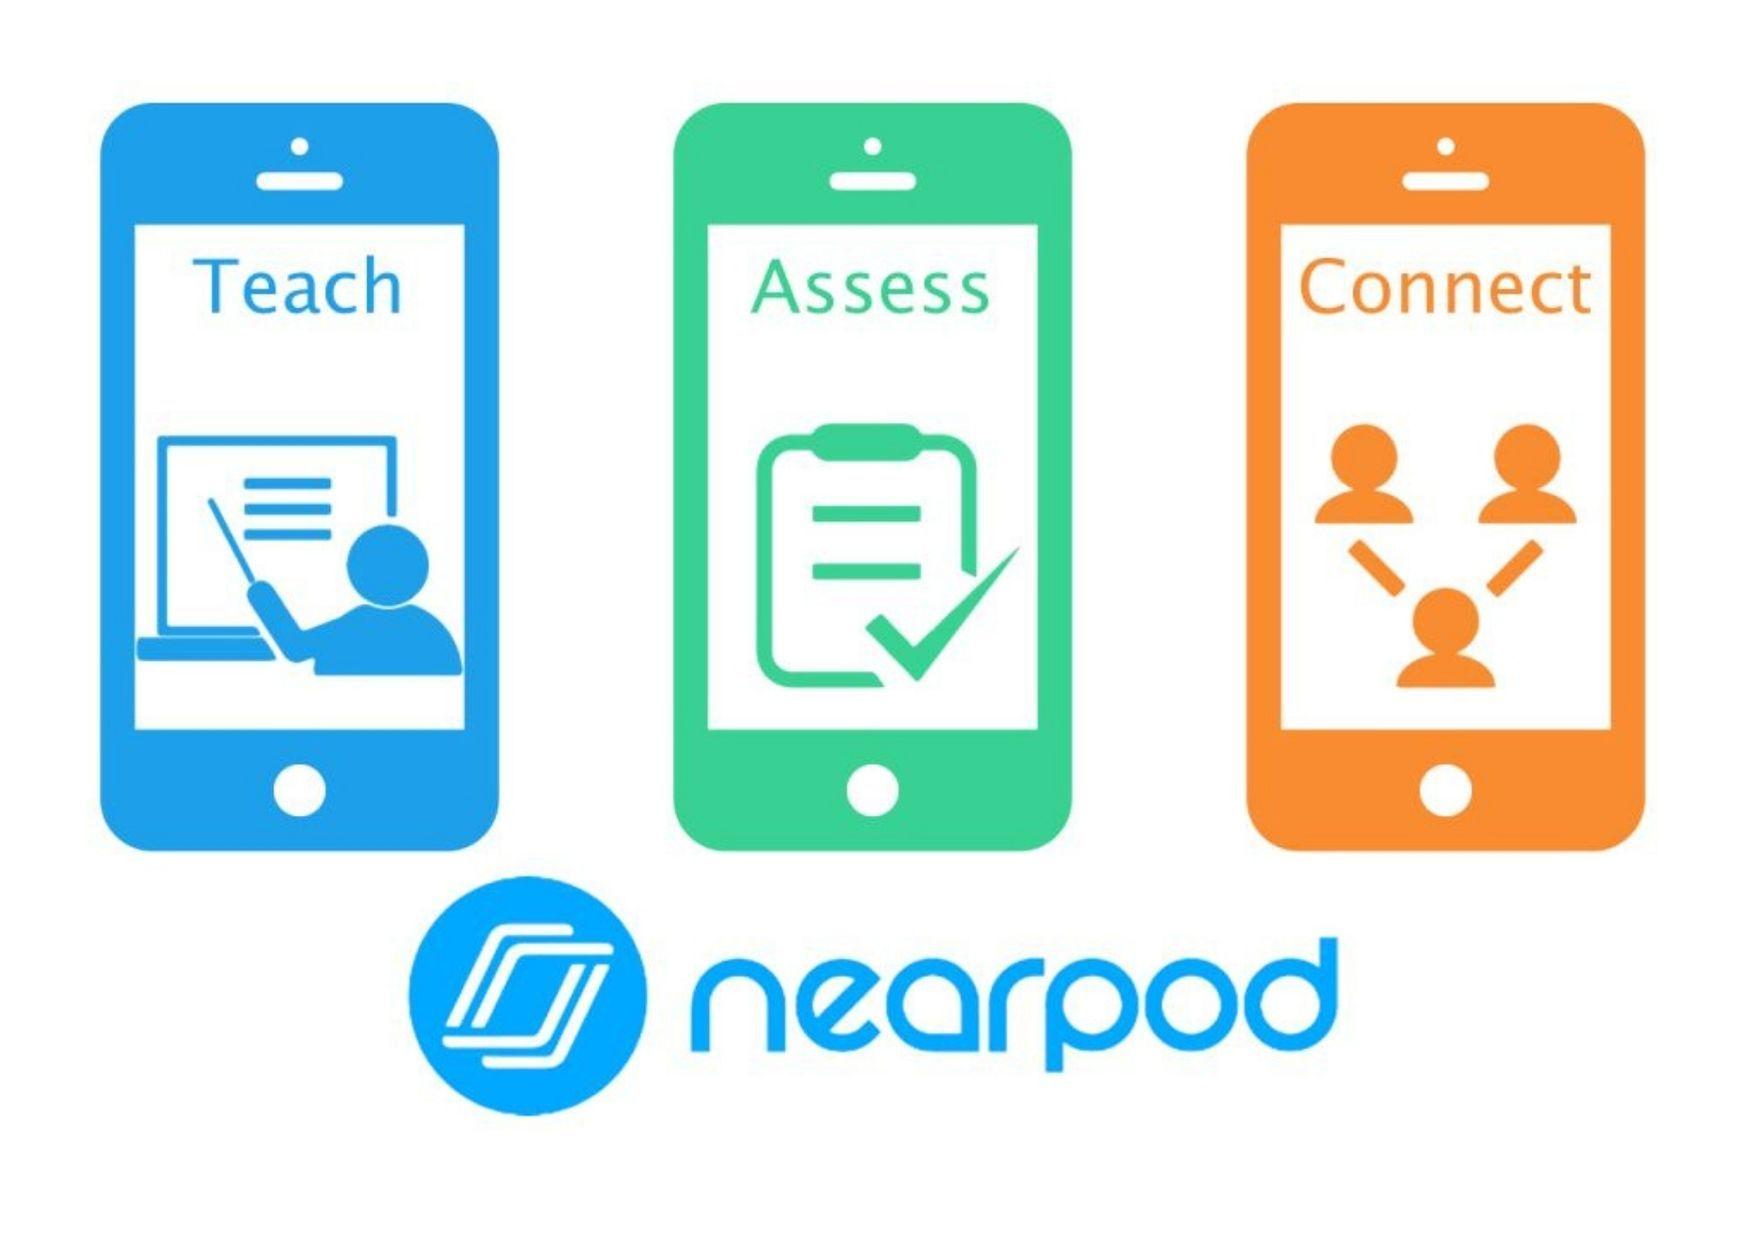 Je volledige les voorbereiden met Nearpod- Onderwijs op afstand